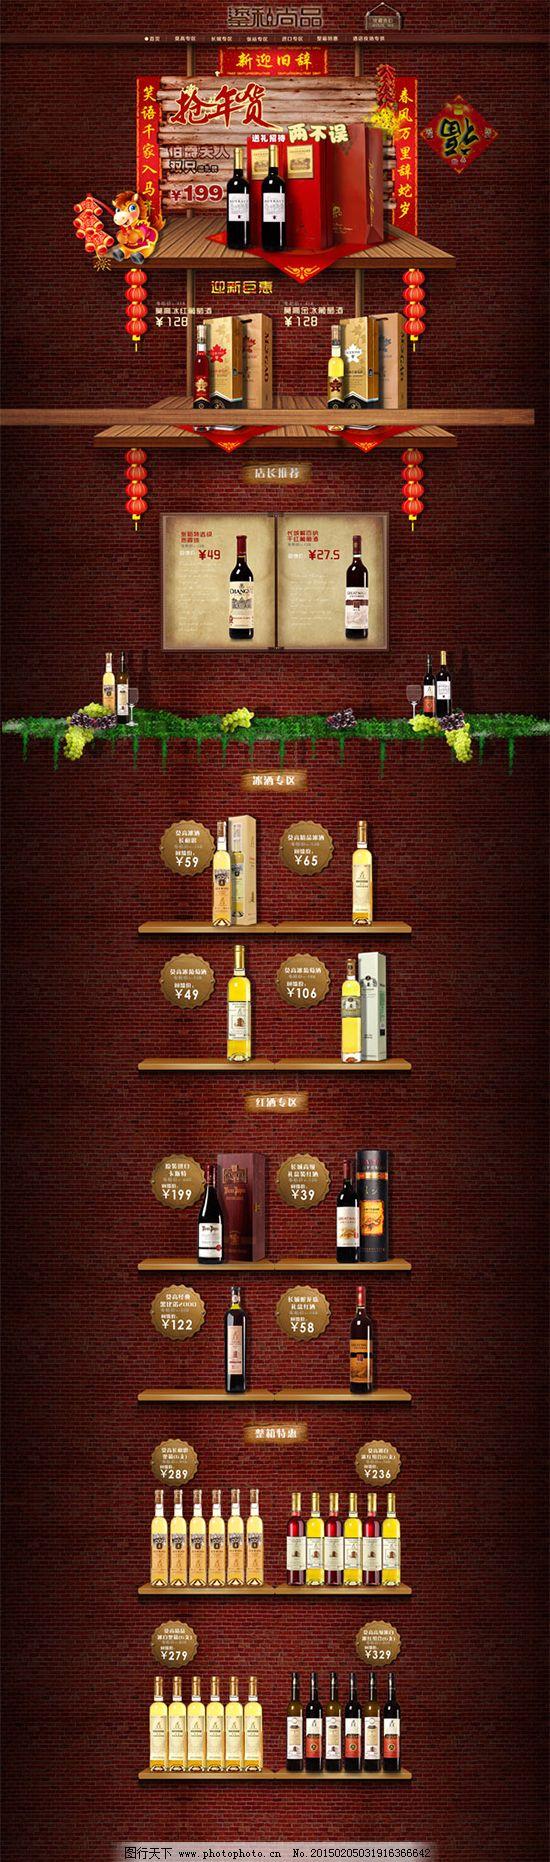 洋酒钜惠模板 洋酒钜惠模板免费下载 时尚 淘宝 炫彩 淘宝素材